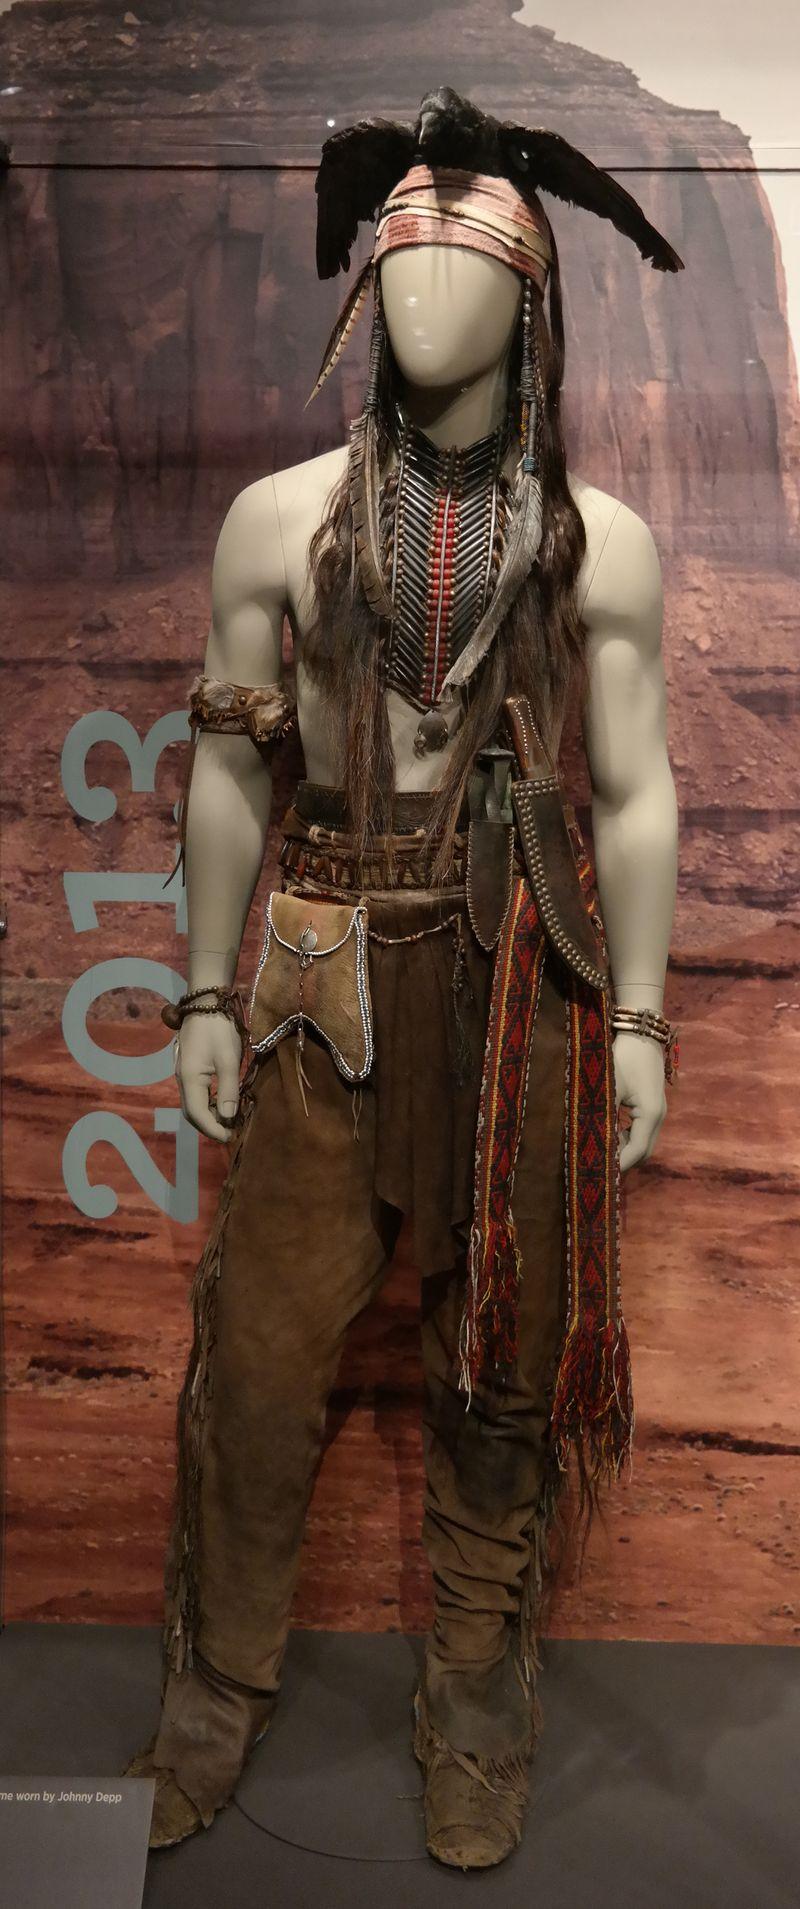 Johny Depp Lone Ranger